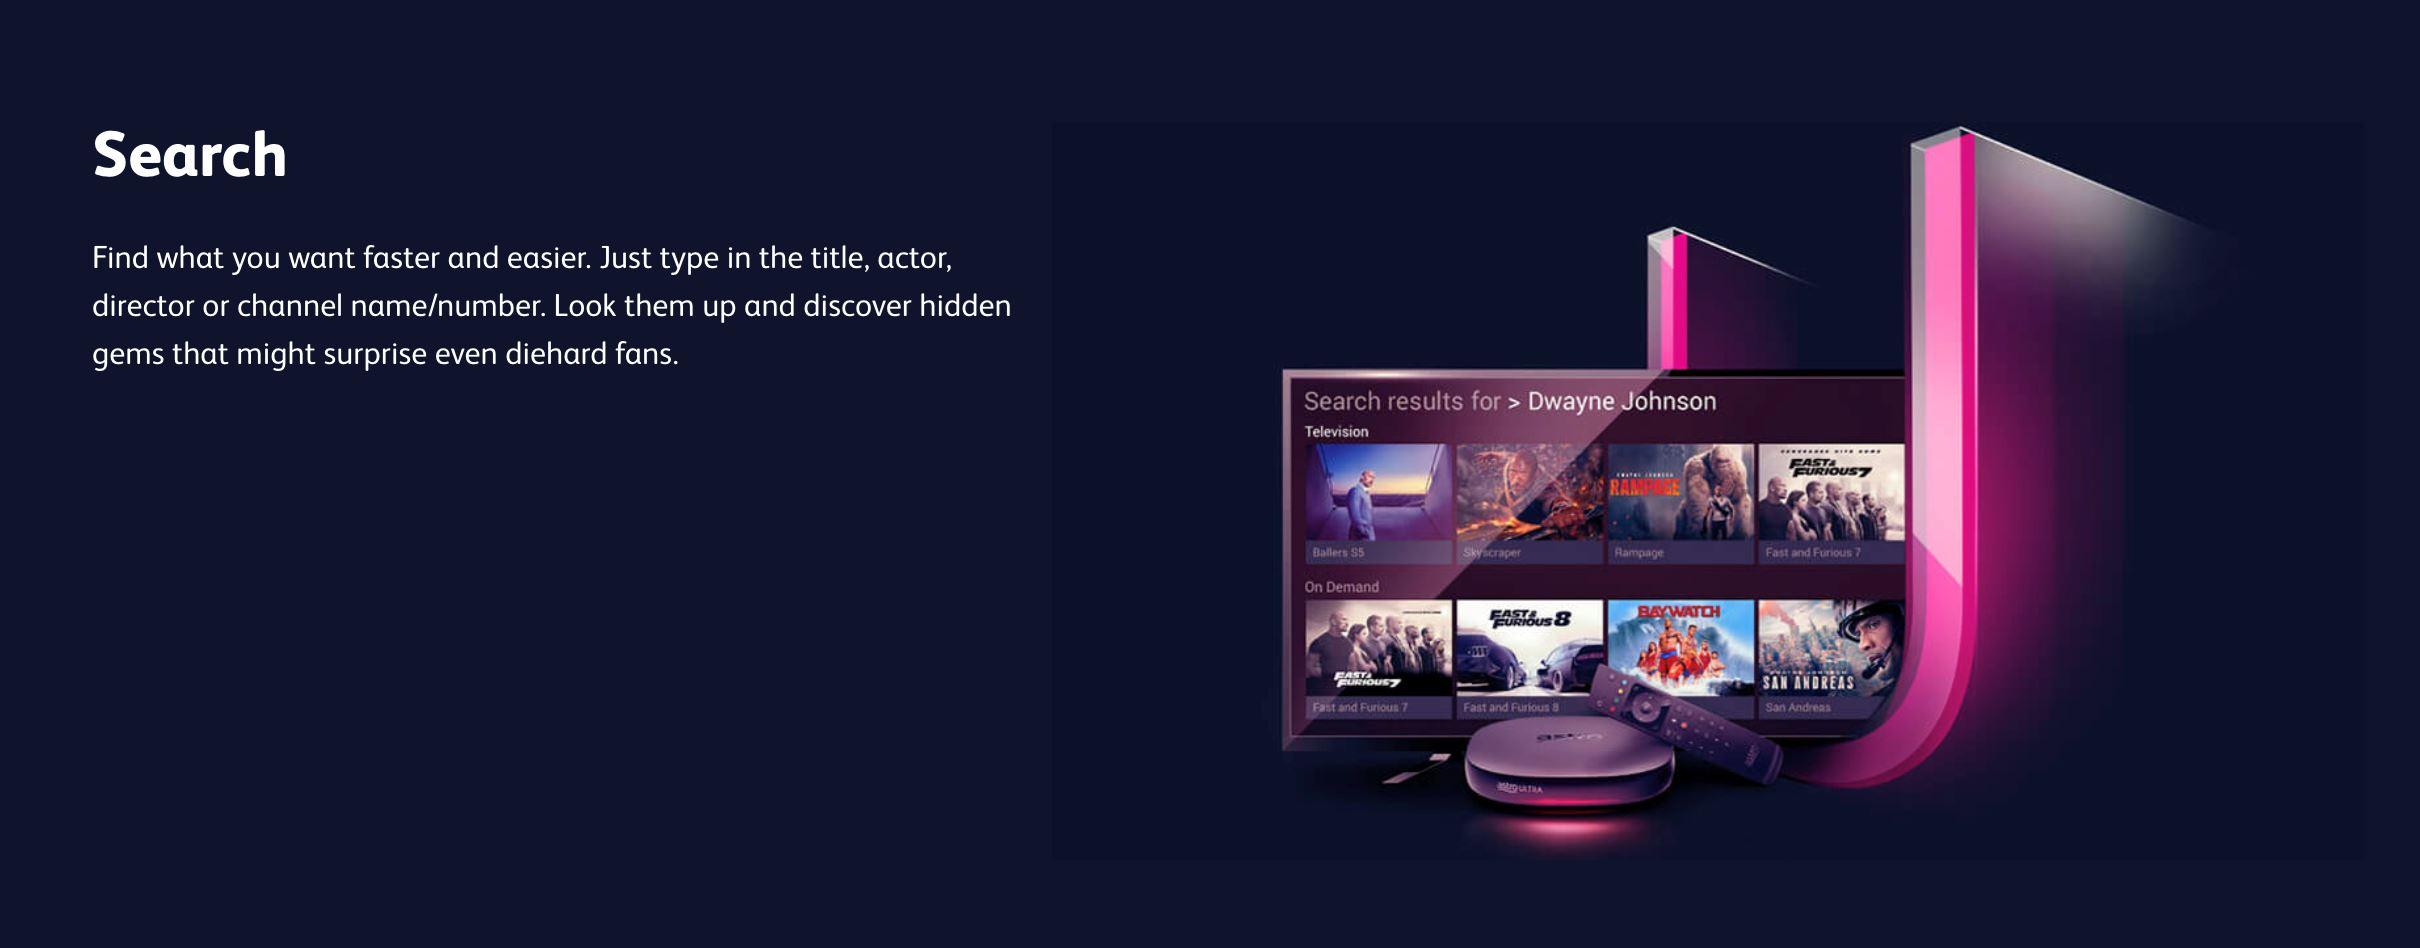 astro 推出支持 4k 的 ultra box!超多好用到爆的新功能!